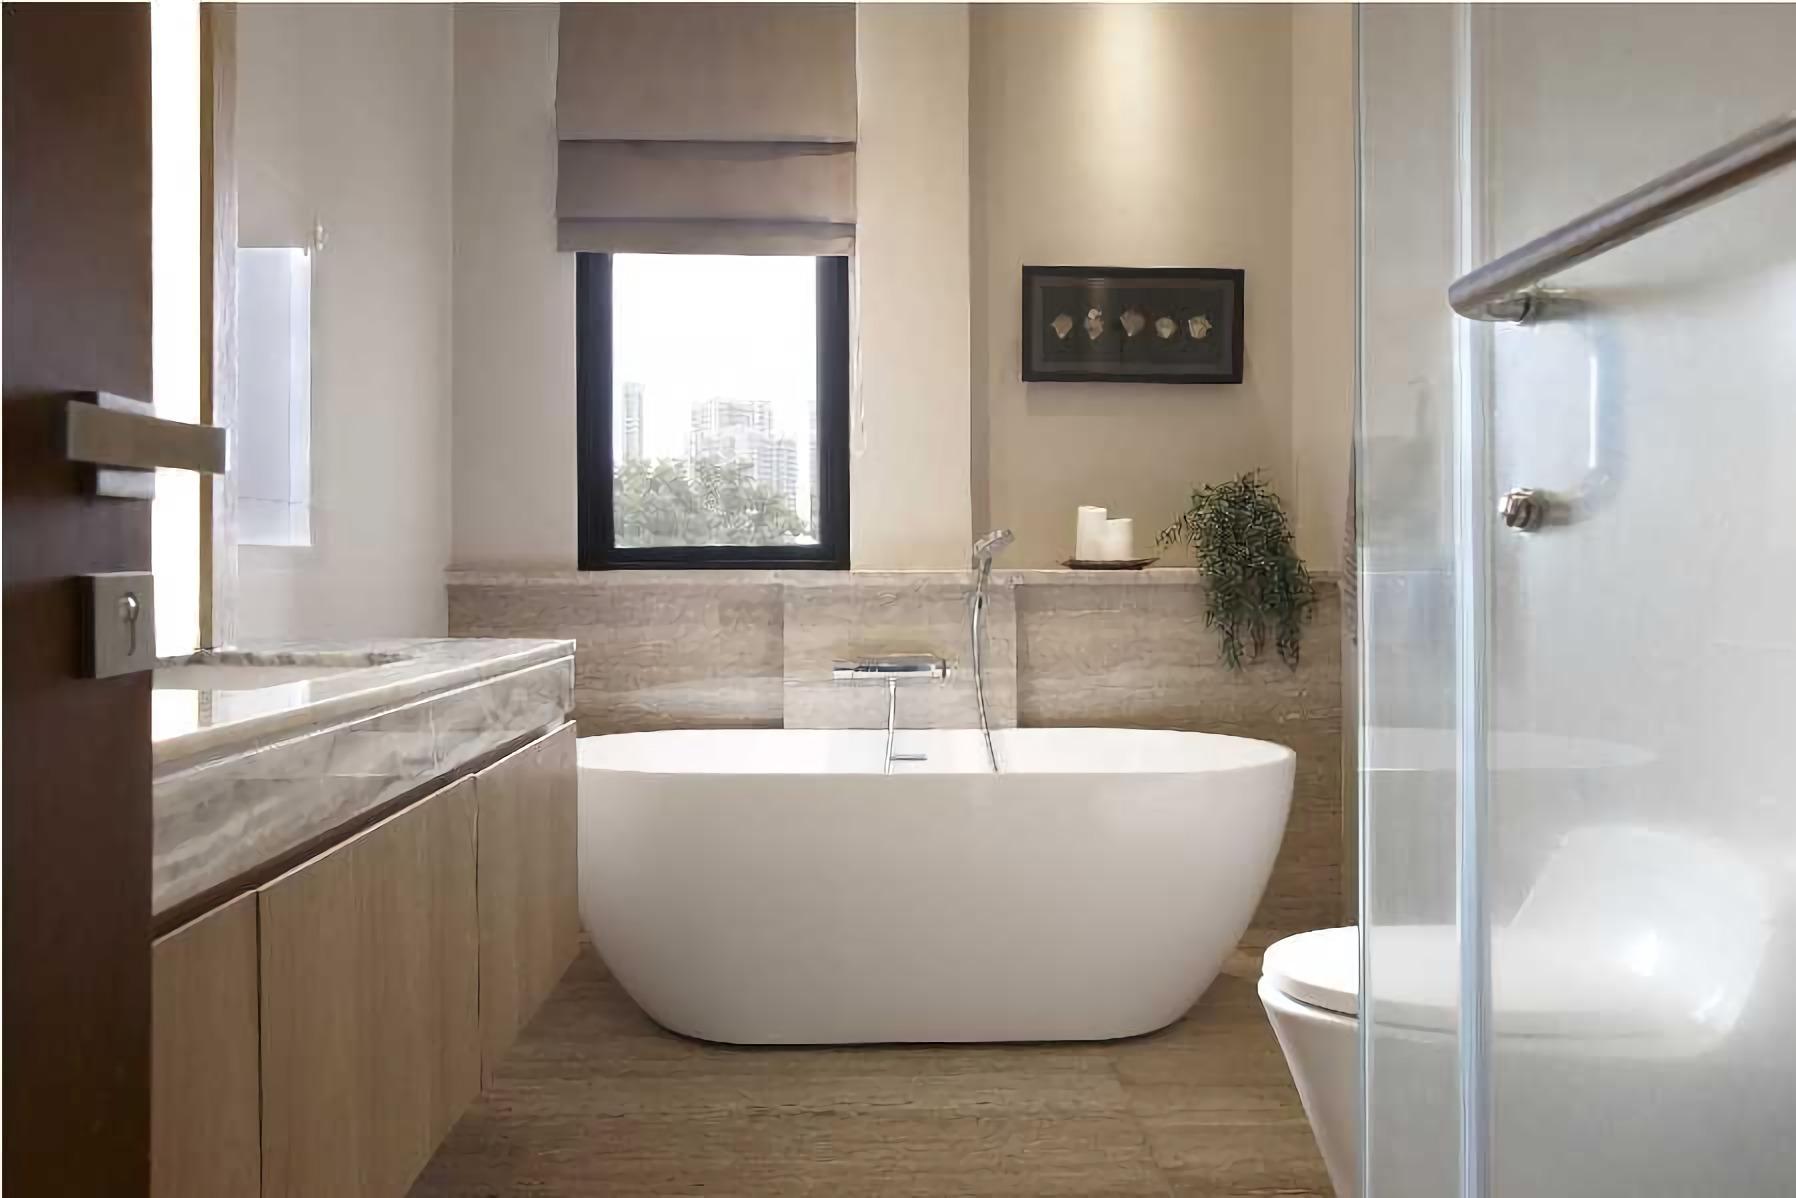 Kamar mandi skandinavian dengan sedikit sentuhan tropis dari pilihan warna dan corak granit (Sumber: arsitag.com)